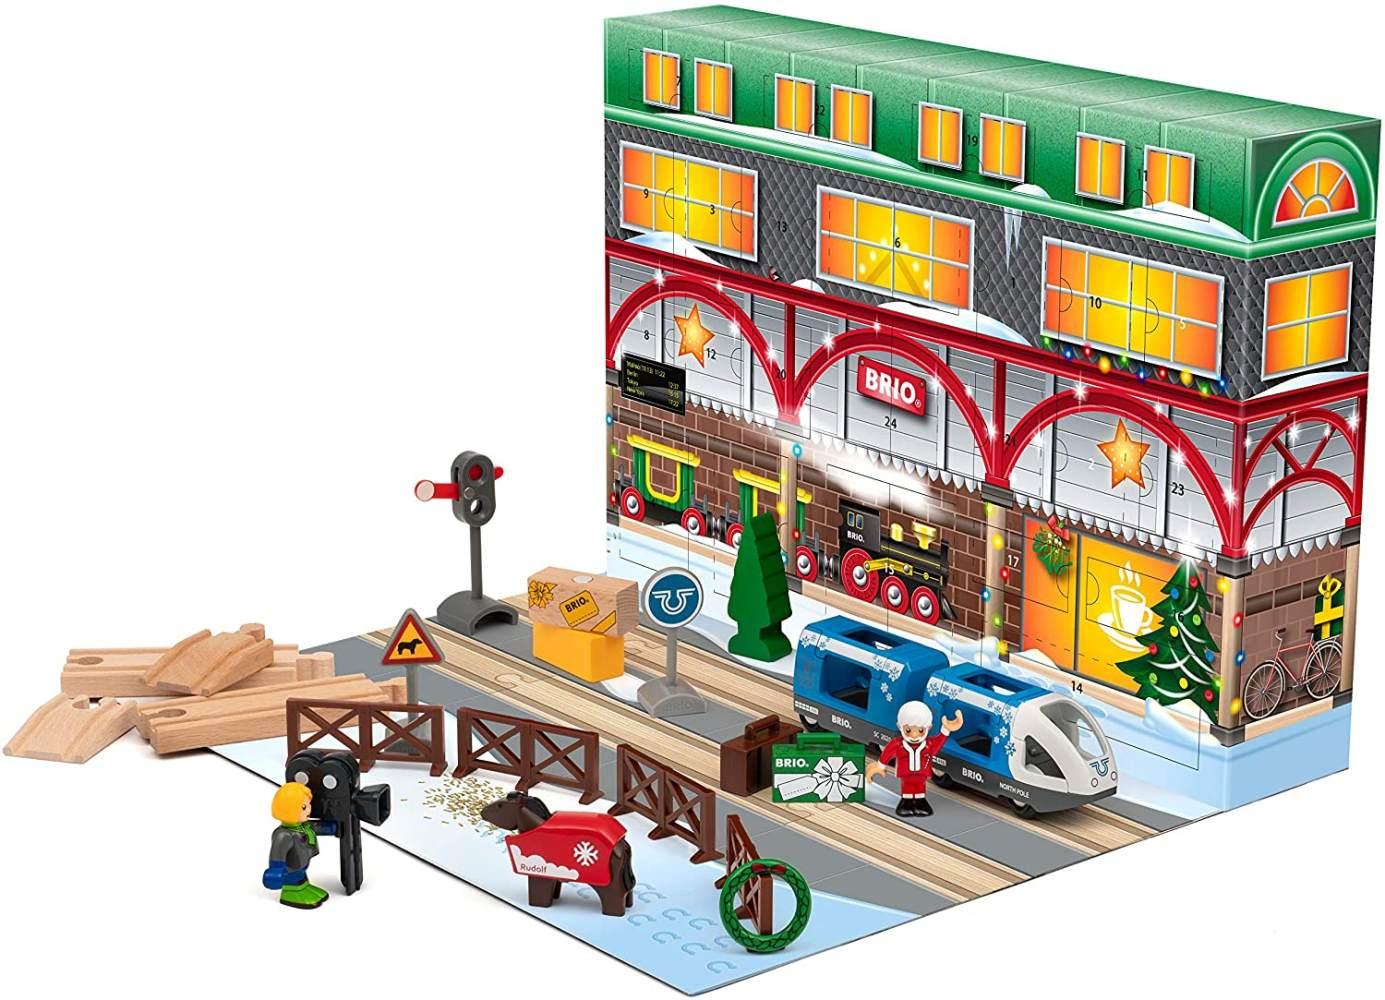 Brio Adventskalender 2020 - Eisenbahn Weihnachtskalender mit 24 Teilen - 33848 Bild 1